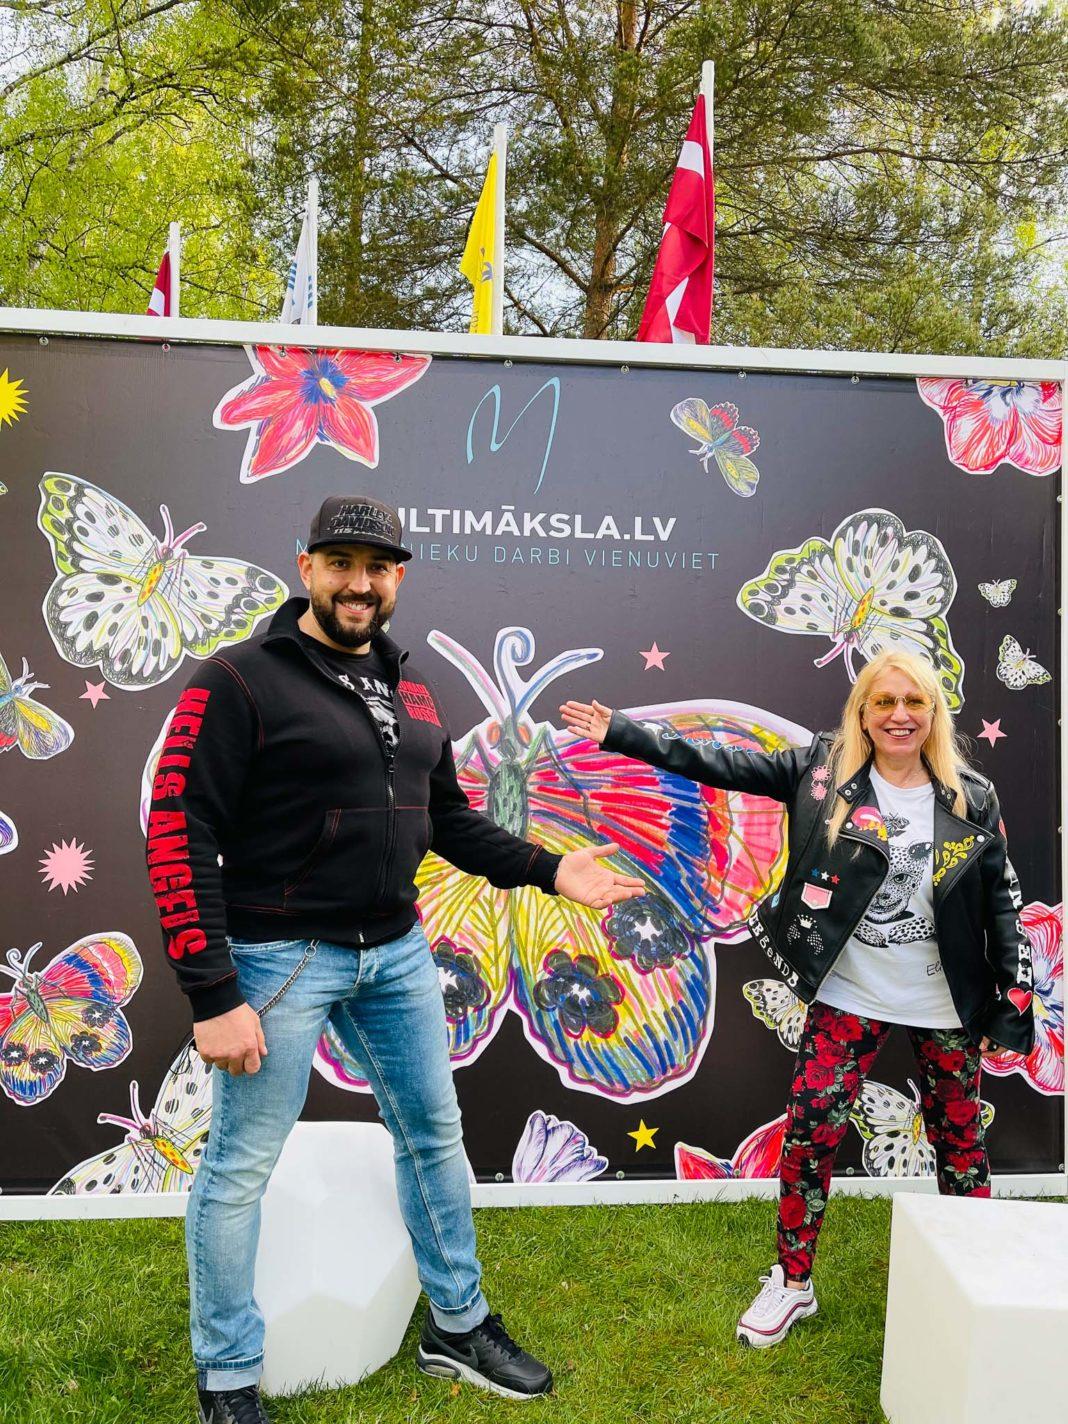 Multimaksla pop up tirdzins Raivis Vidzis Olga Rajecka